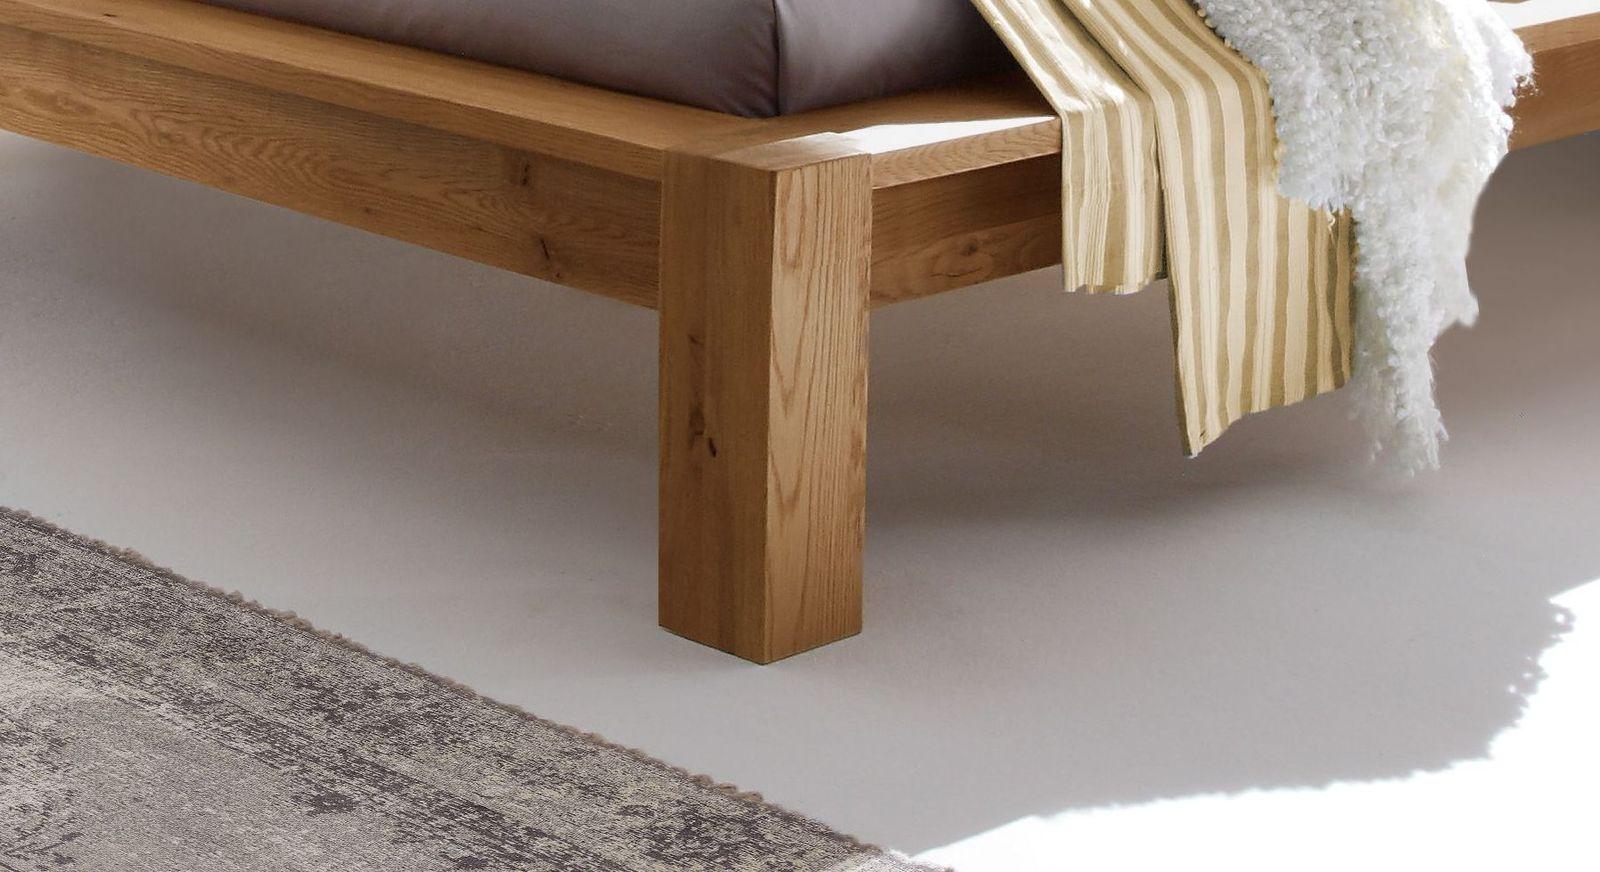 Bett Evora mit breiten Blockfüßen